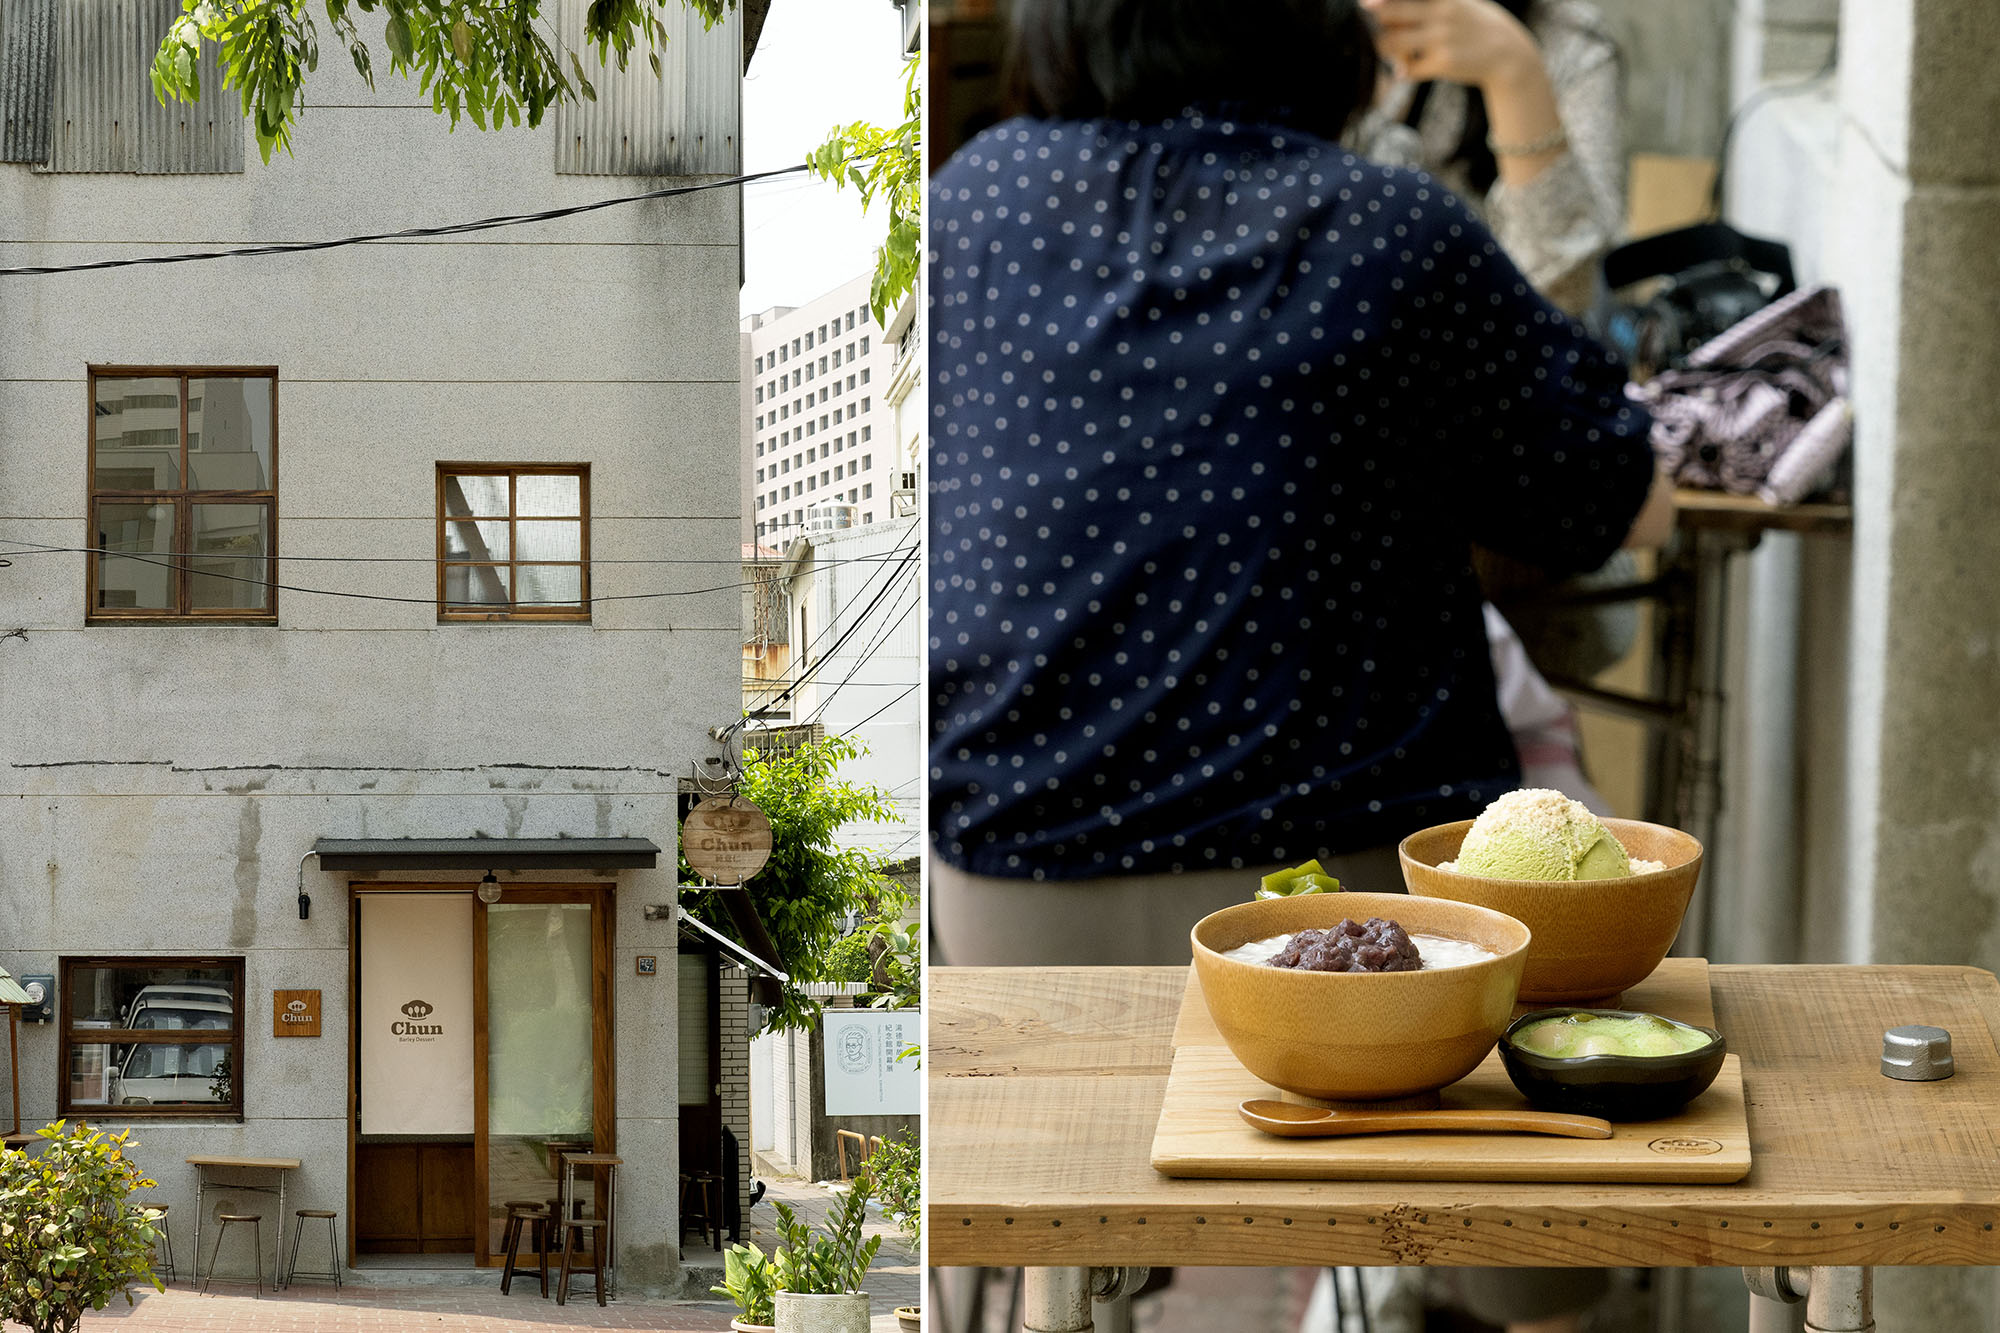 網站近期文章:台南 Chun純薏仁。甜點|療癒入心的台南式甜品。